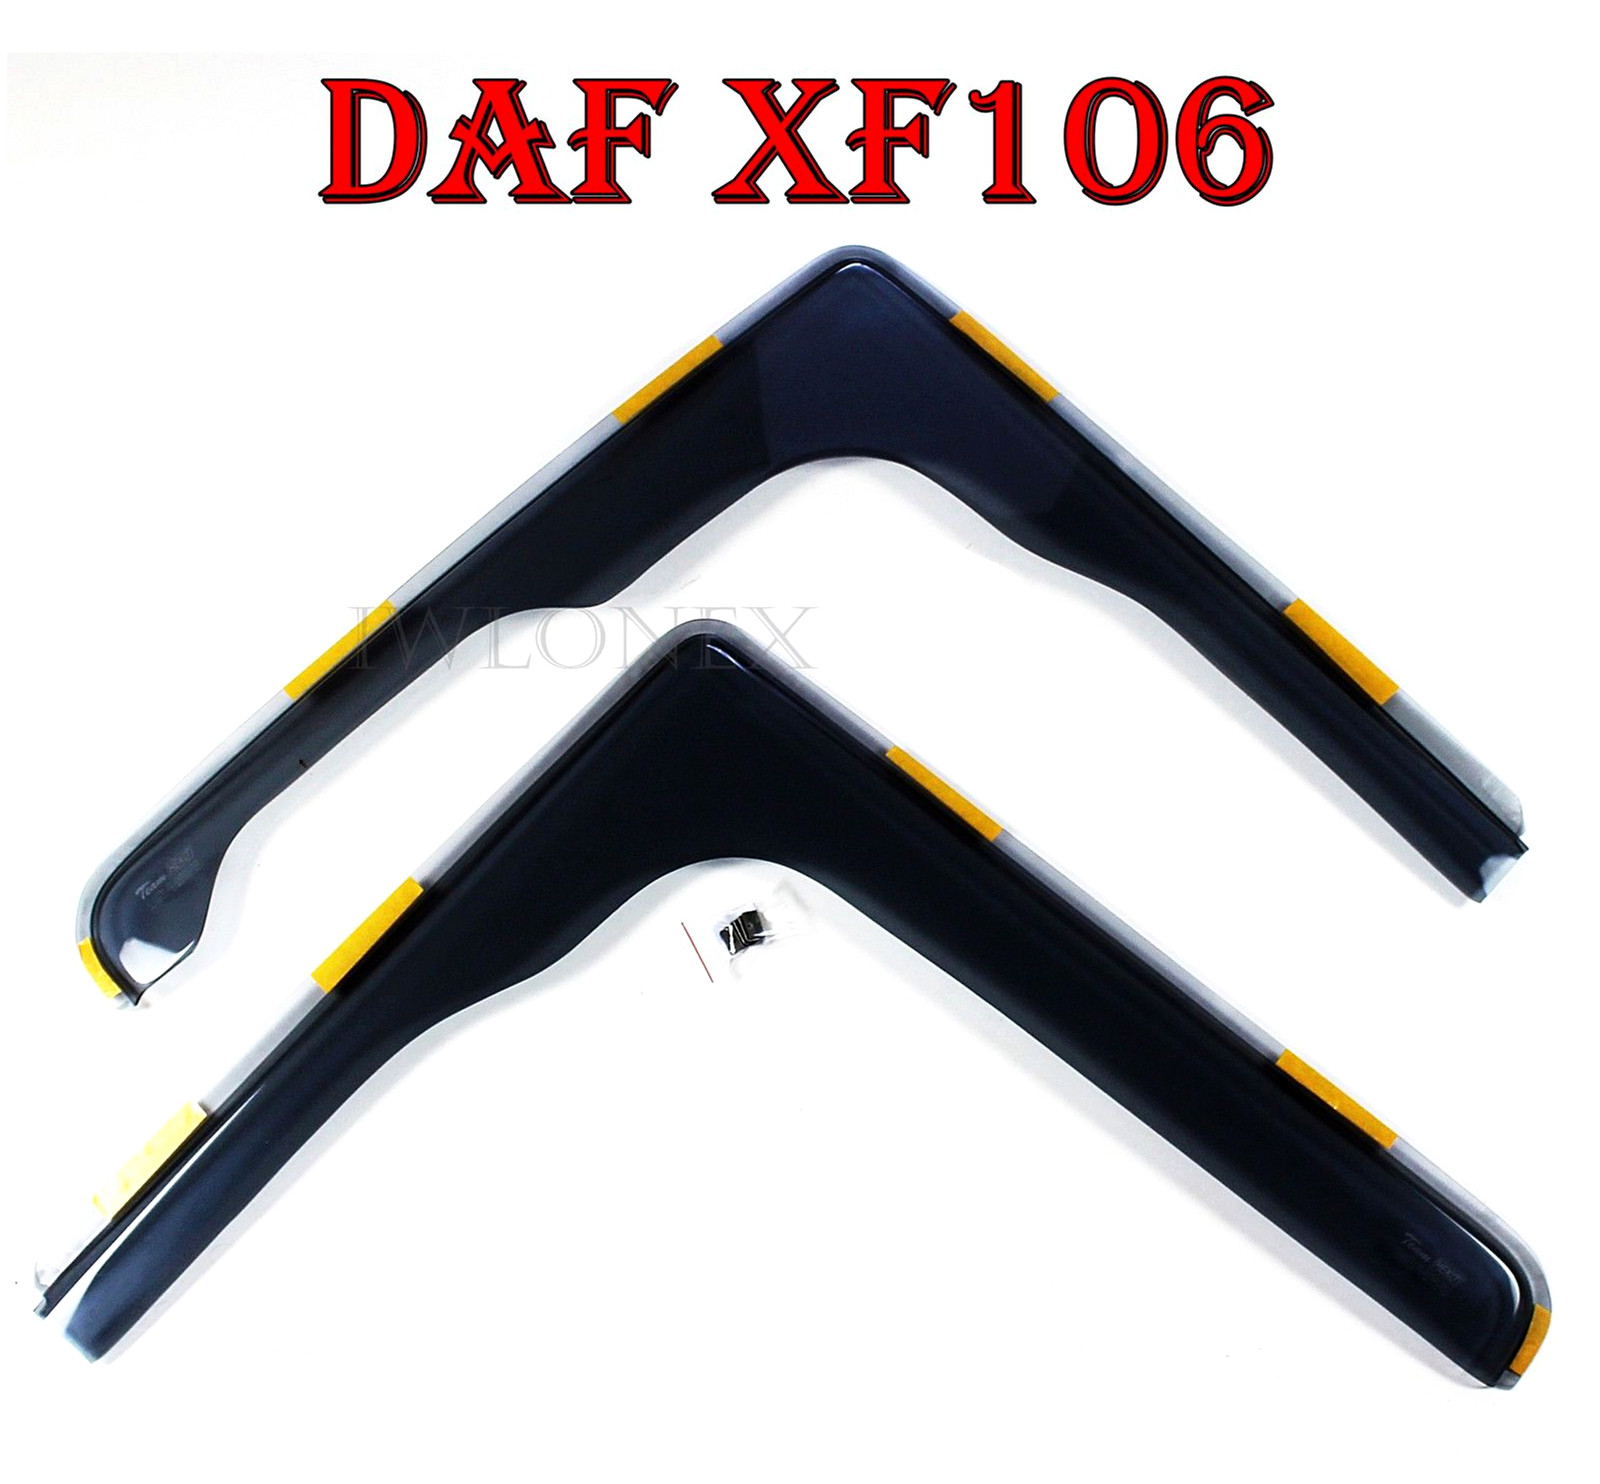 s l1600 5 - 2x FENSTER WINDABWEISER passend für DAF XF Euro6